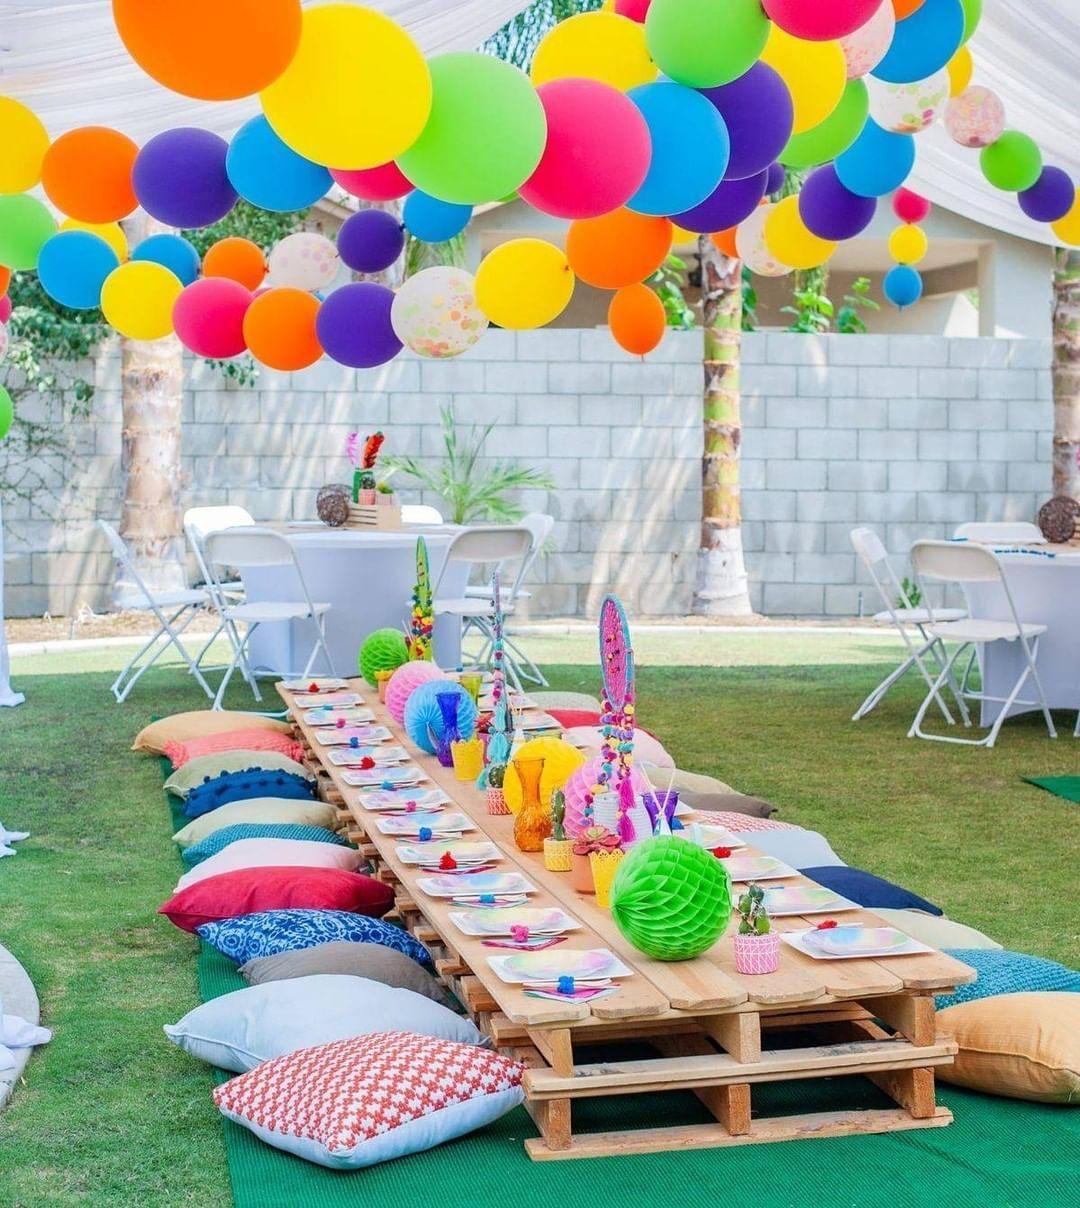 Idea Para Decorar Tu Fiesta De Veranoecumple Créditos Fiestas Picnic Para Niños Decoración Para Fiesta De Jardín Fiesta De Cumpleaños En Piscina